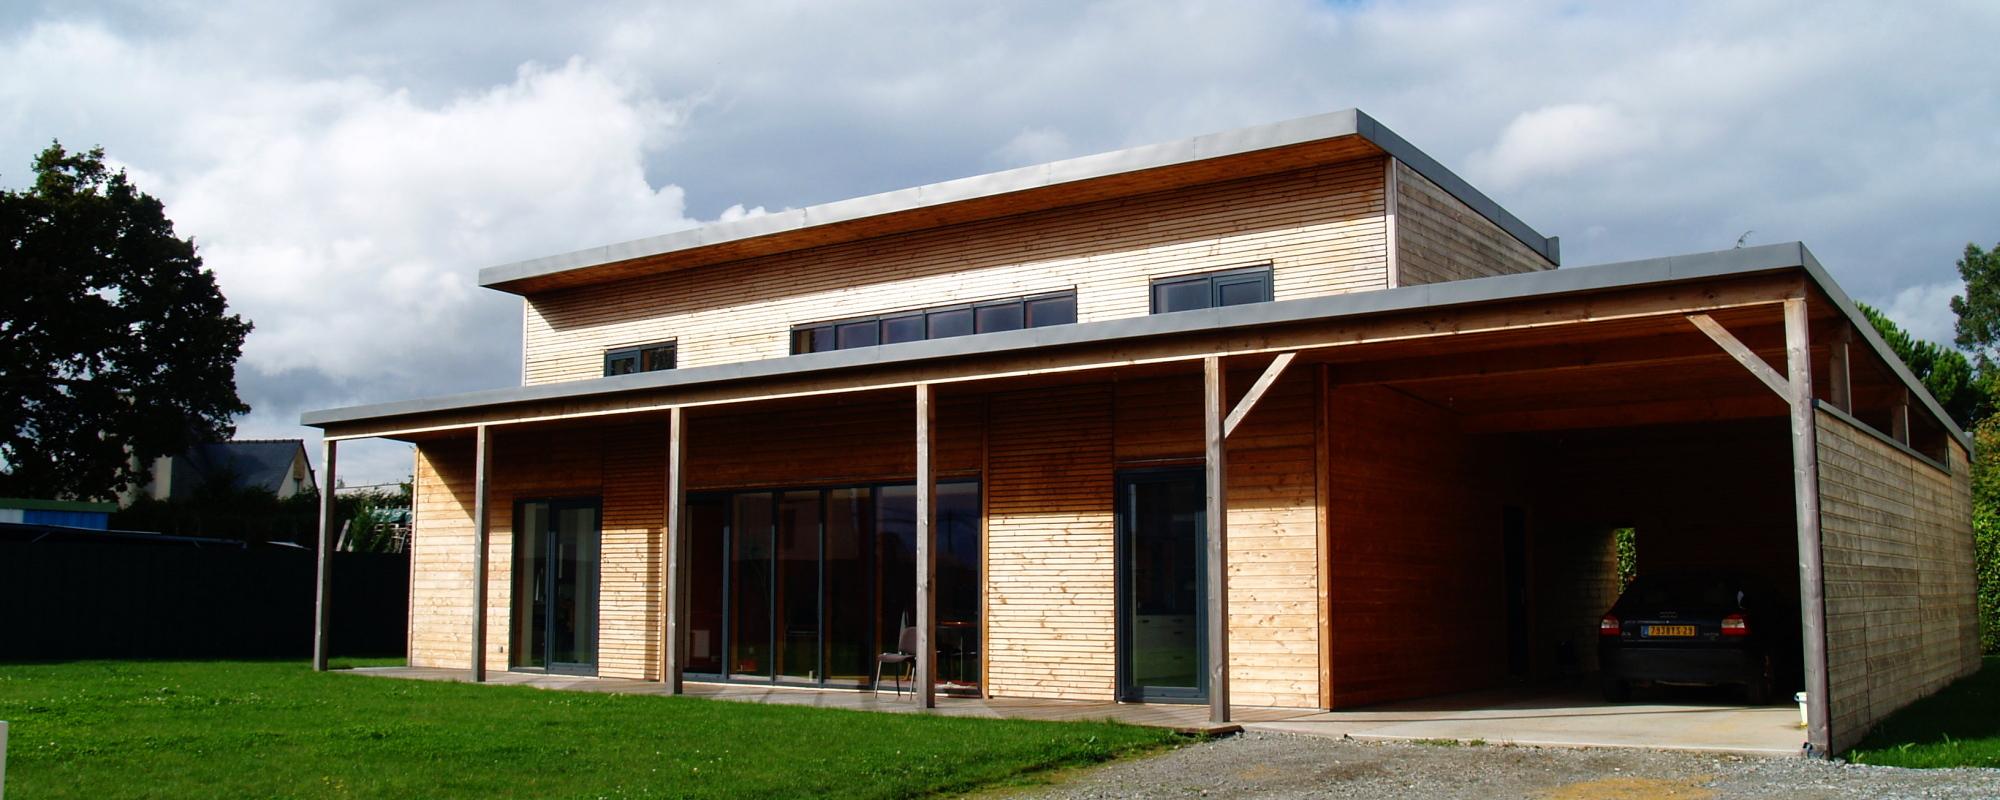 Habitation bioclimatique BBC  2010NC  Atelier Architecture verte